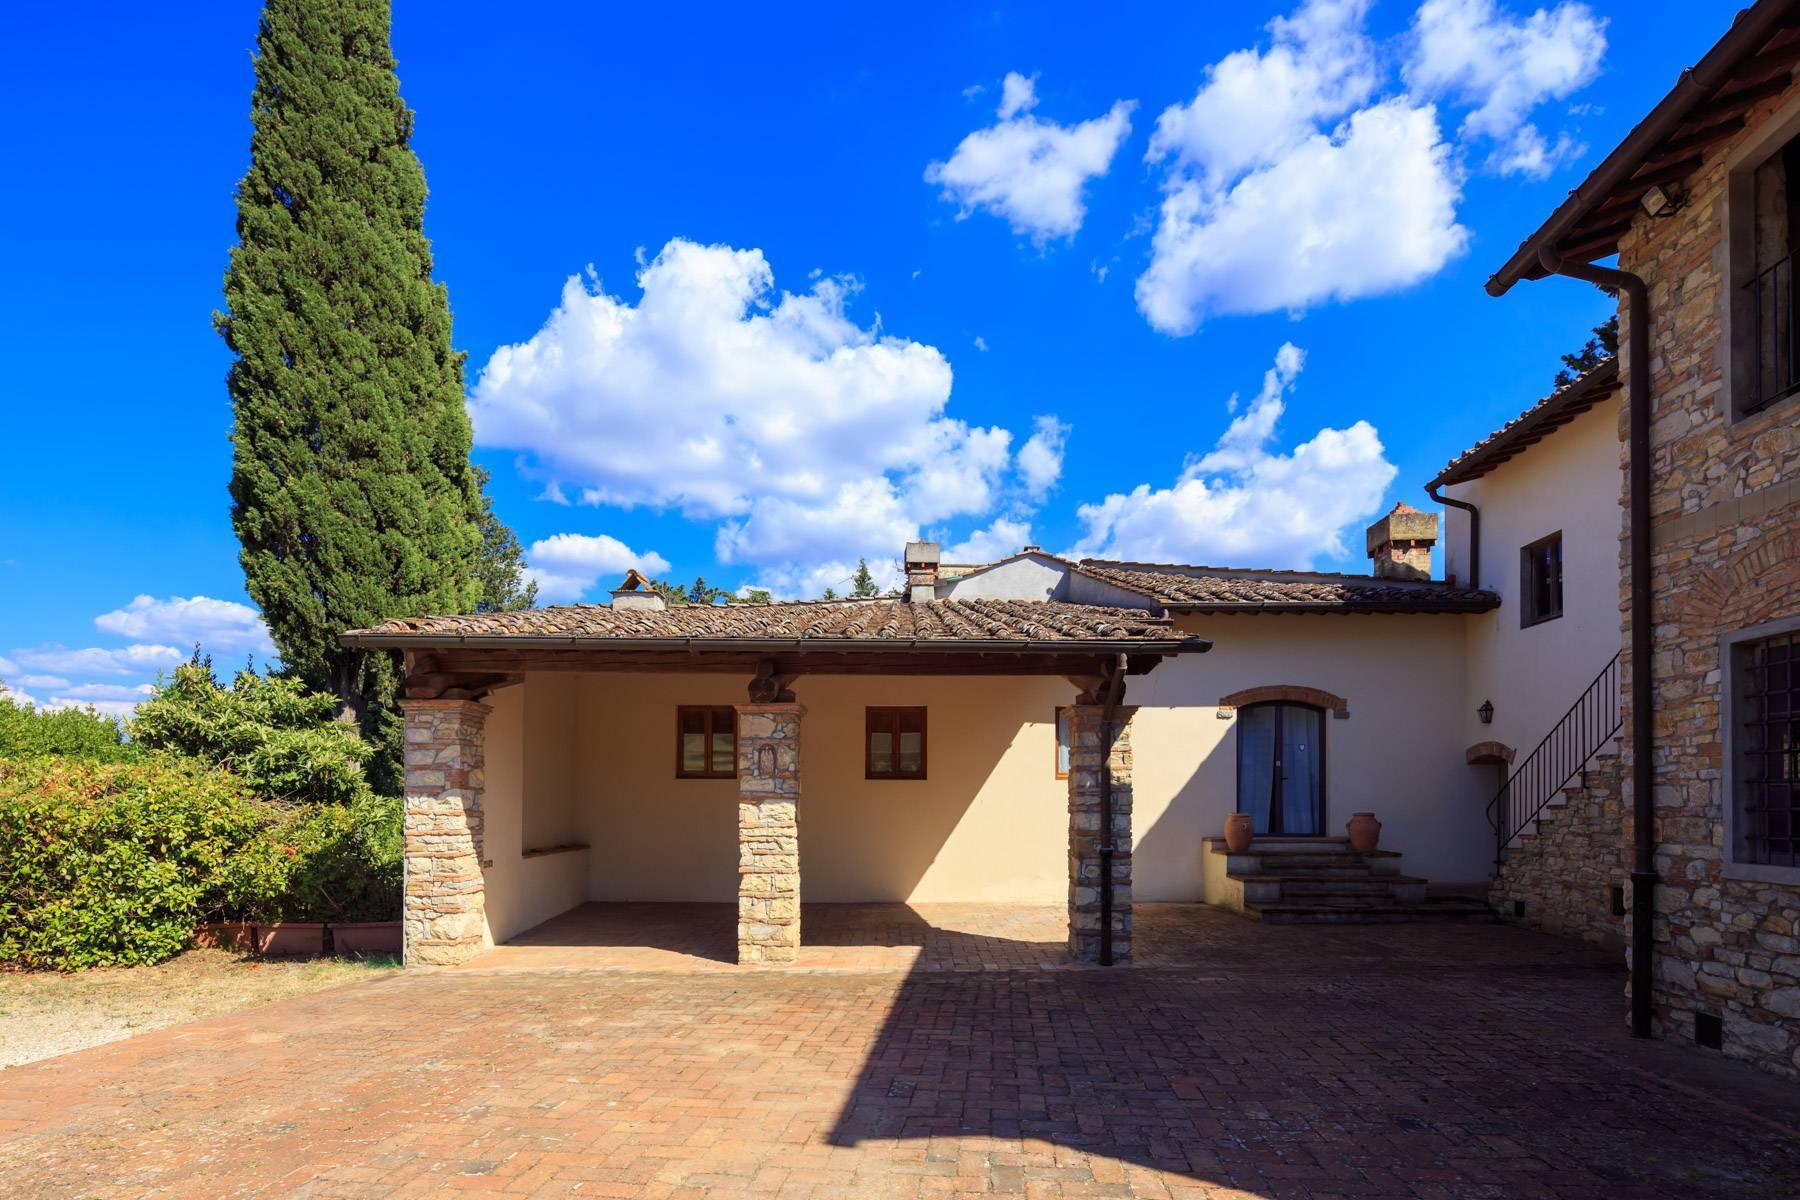 Grande villa antica con oliveto a 10 minuti da Firenze - 16